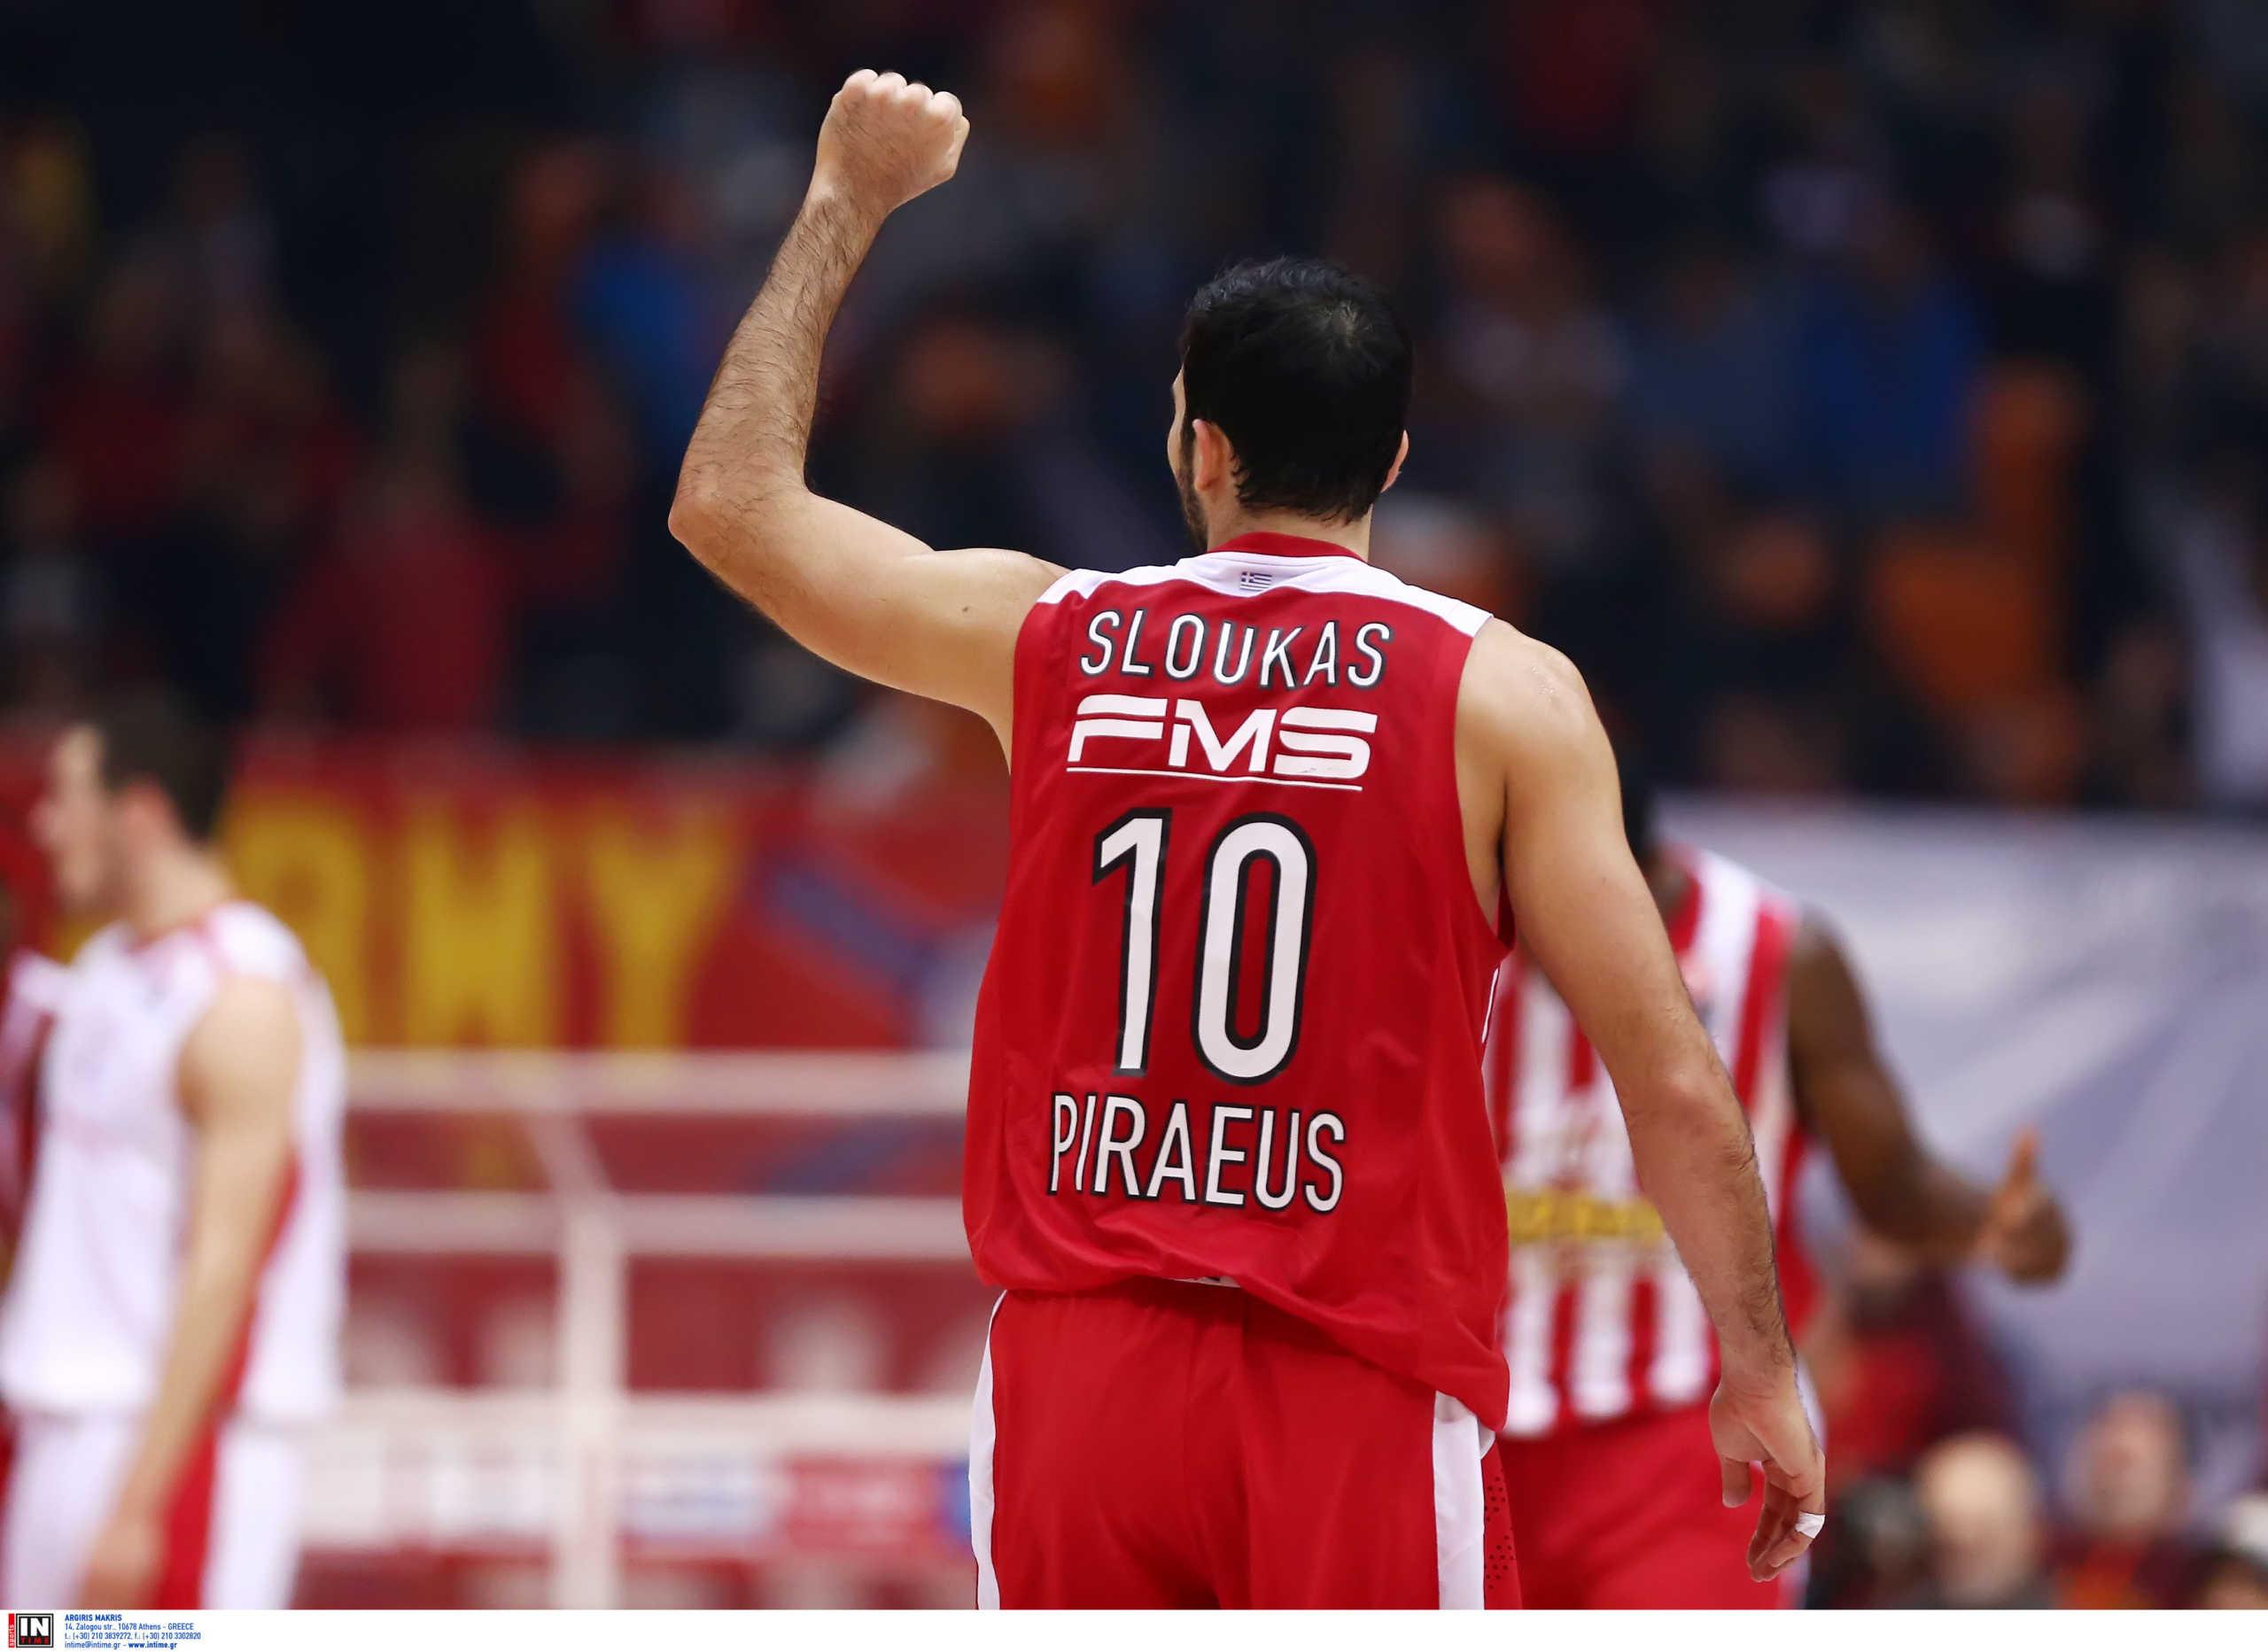 Ολυμπιακός: Ο Σλούκας ξεπέρασε τις 1000 ασίστ στη Euroleague